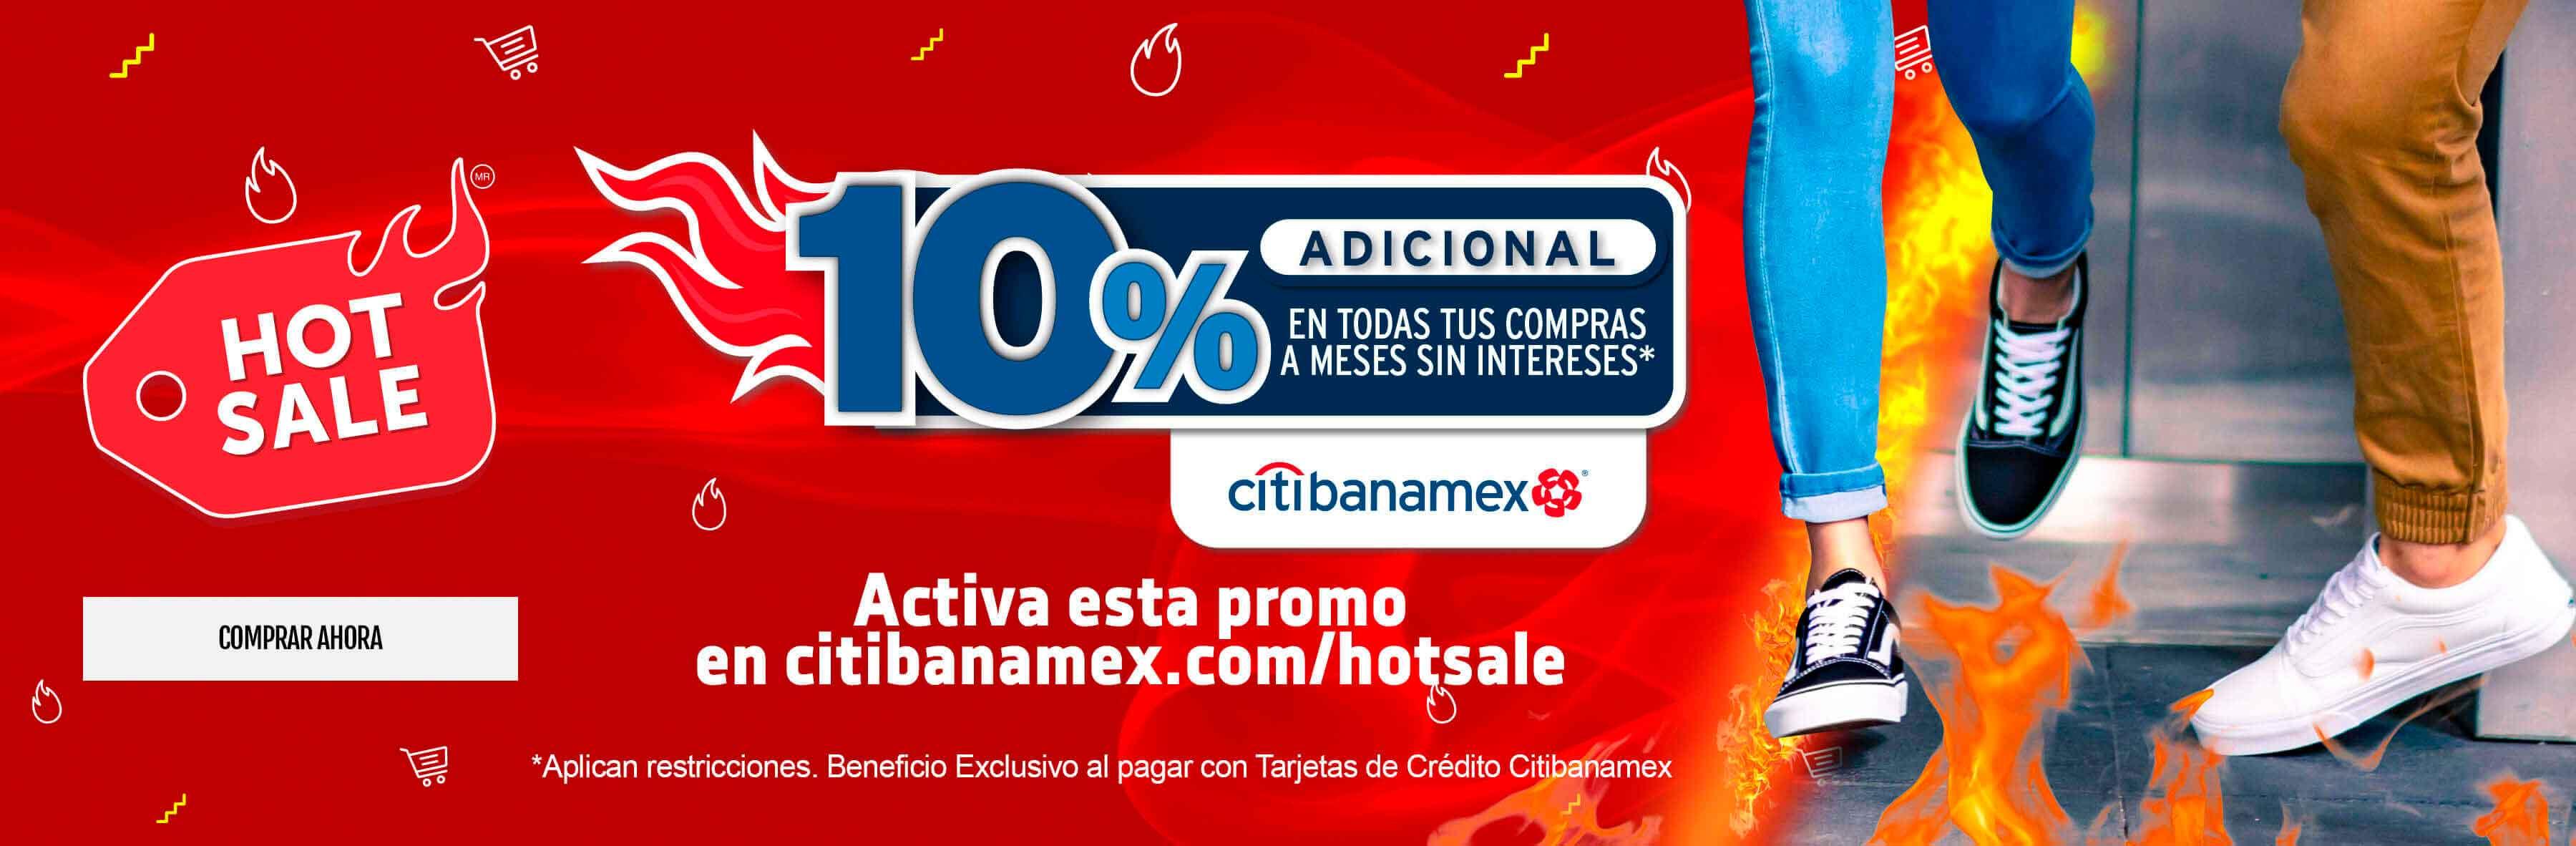 Banamex 10% de descuento